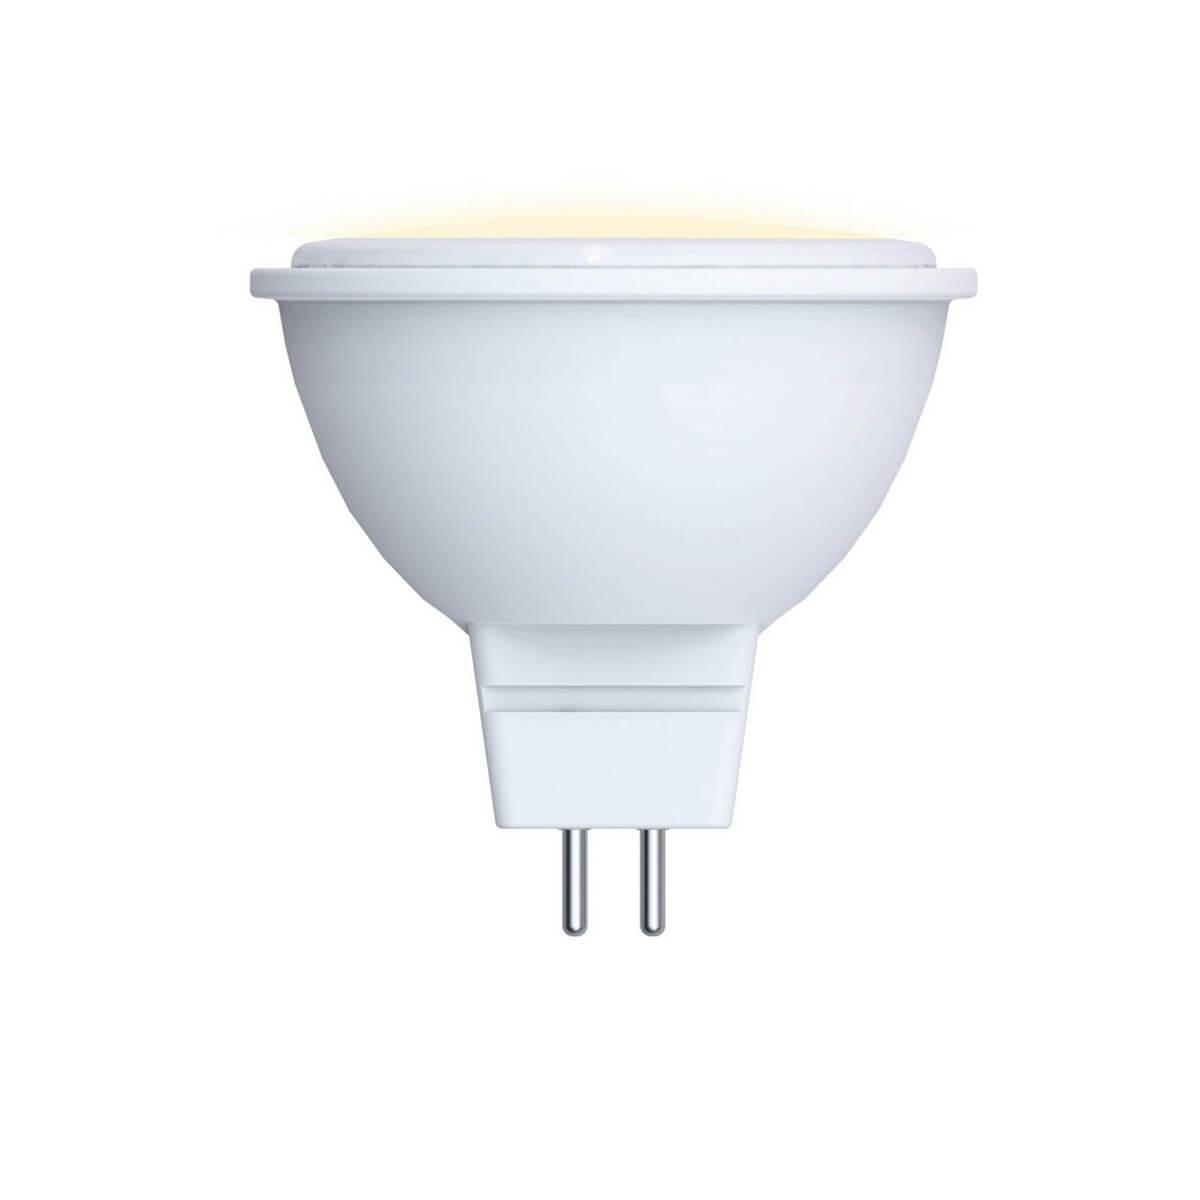 Лампа светодиодная (09942) GU5.3 5W 3000K JCDR матовая LED-JCDR-5W/WW/GU5.3/O